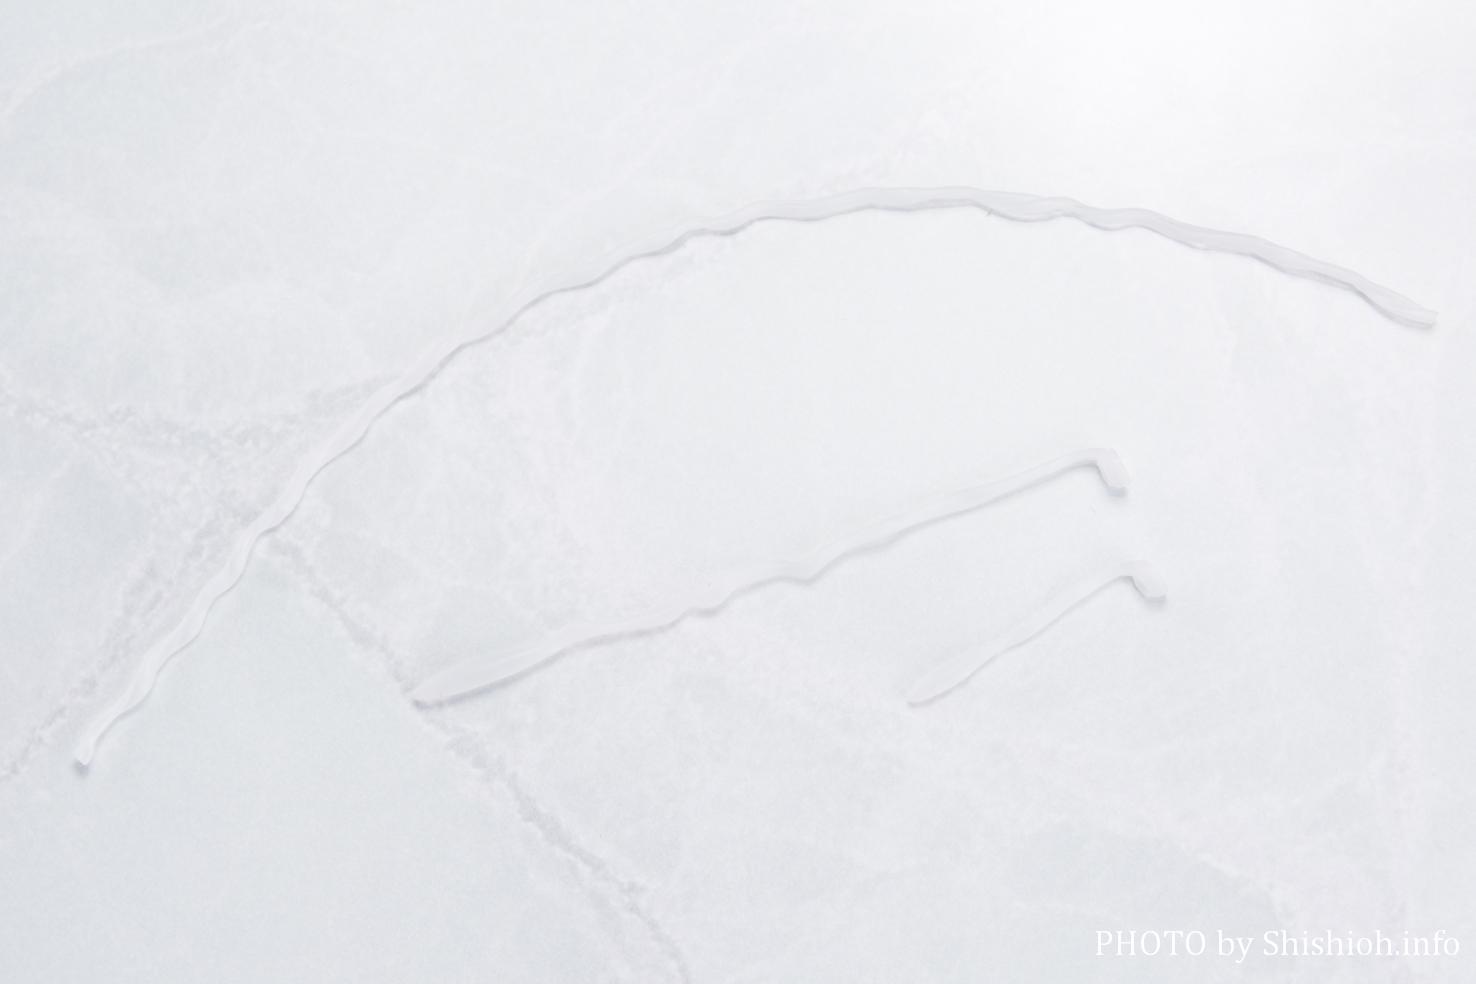 S.H.Figuartsアイアン・スパイダー(アベンジャーズ/インフィニティ・ウォー)